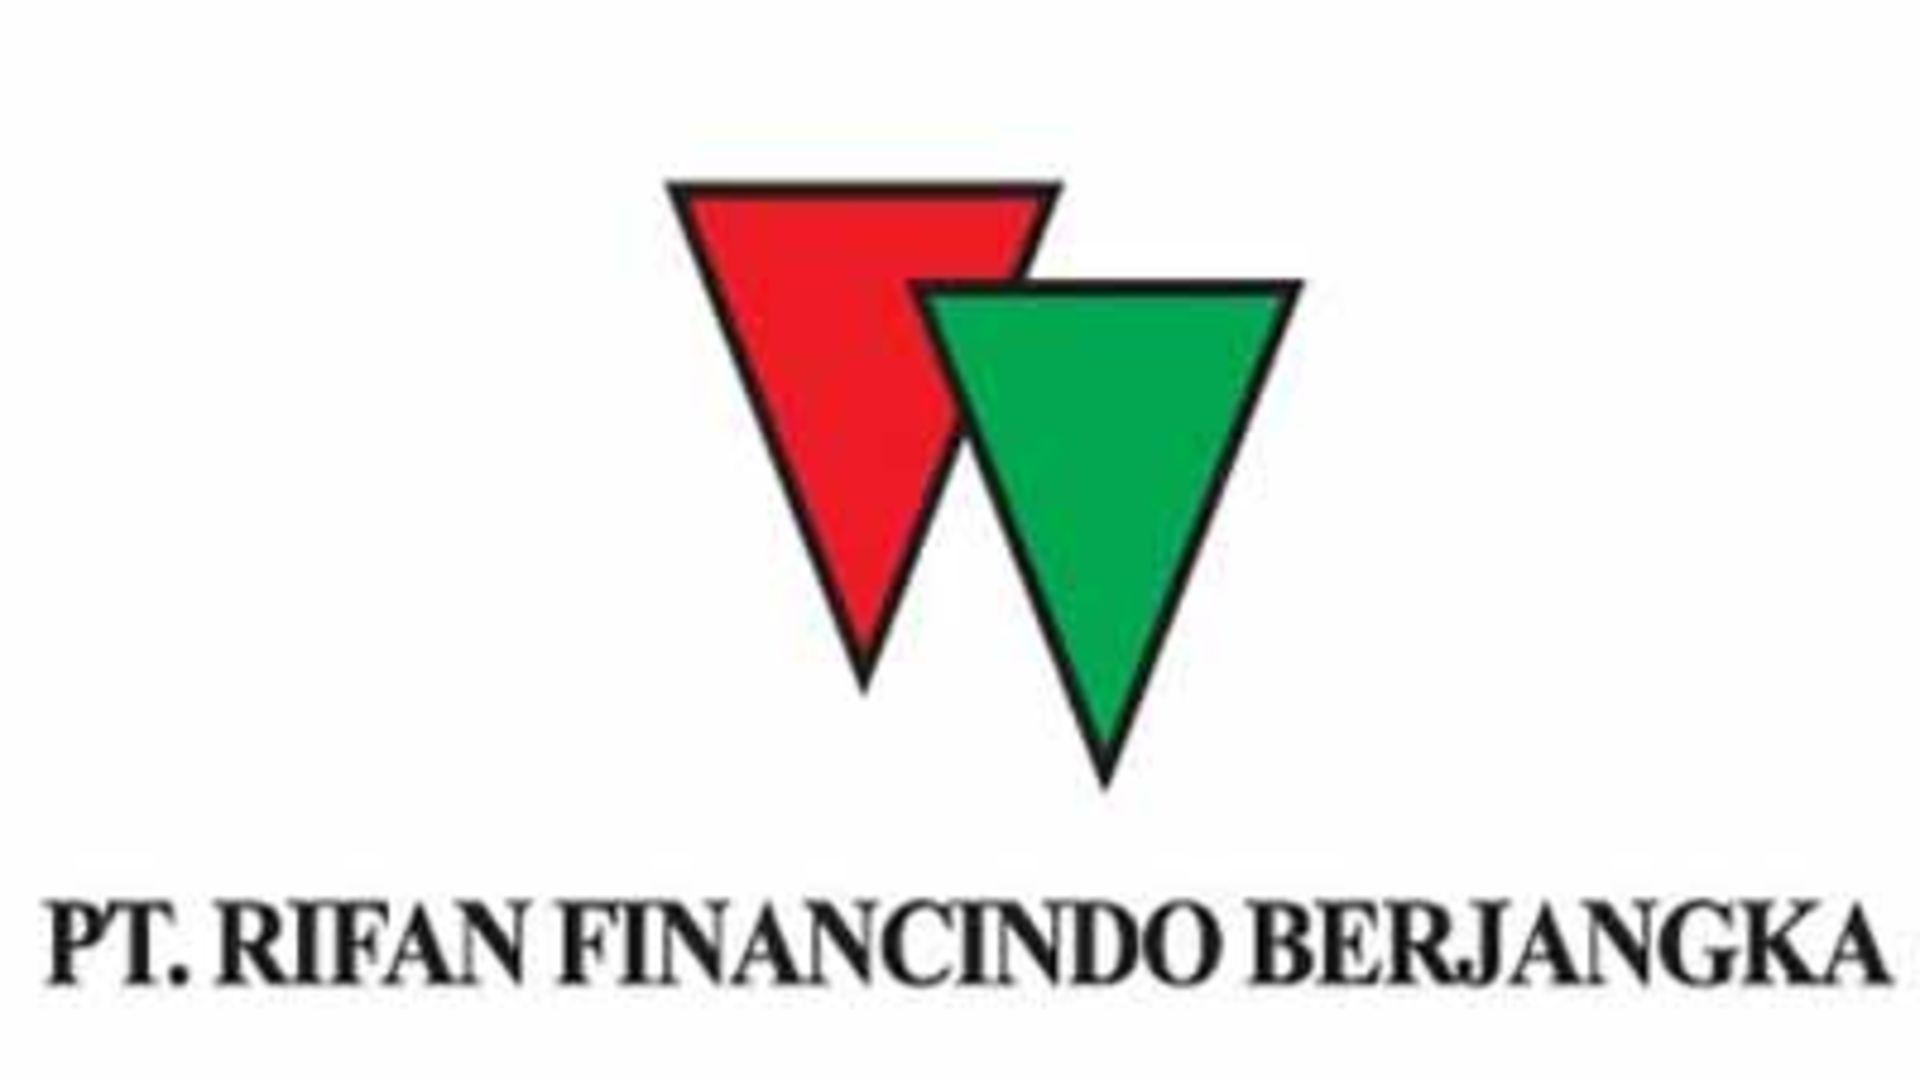 PT. Rifan Financindo Berjangka